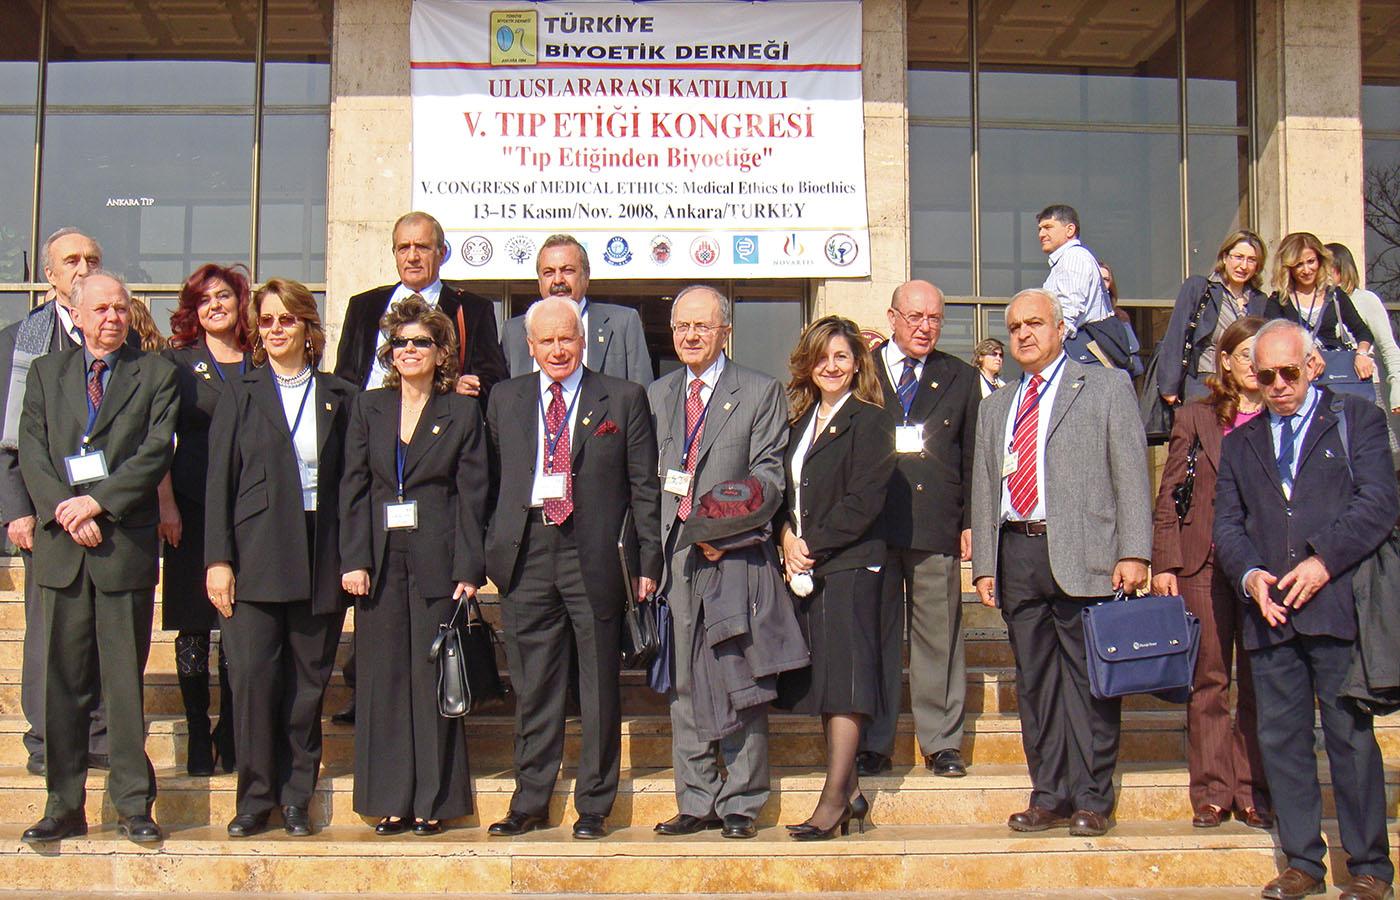 V. Tıp Etiği Kongresinden - 2008